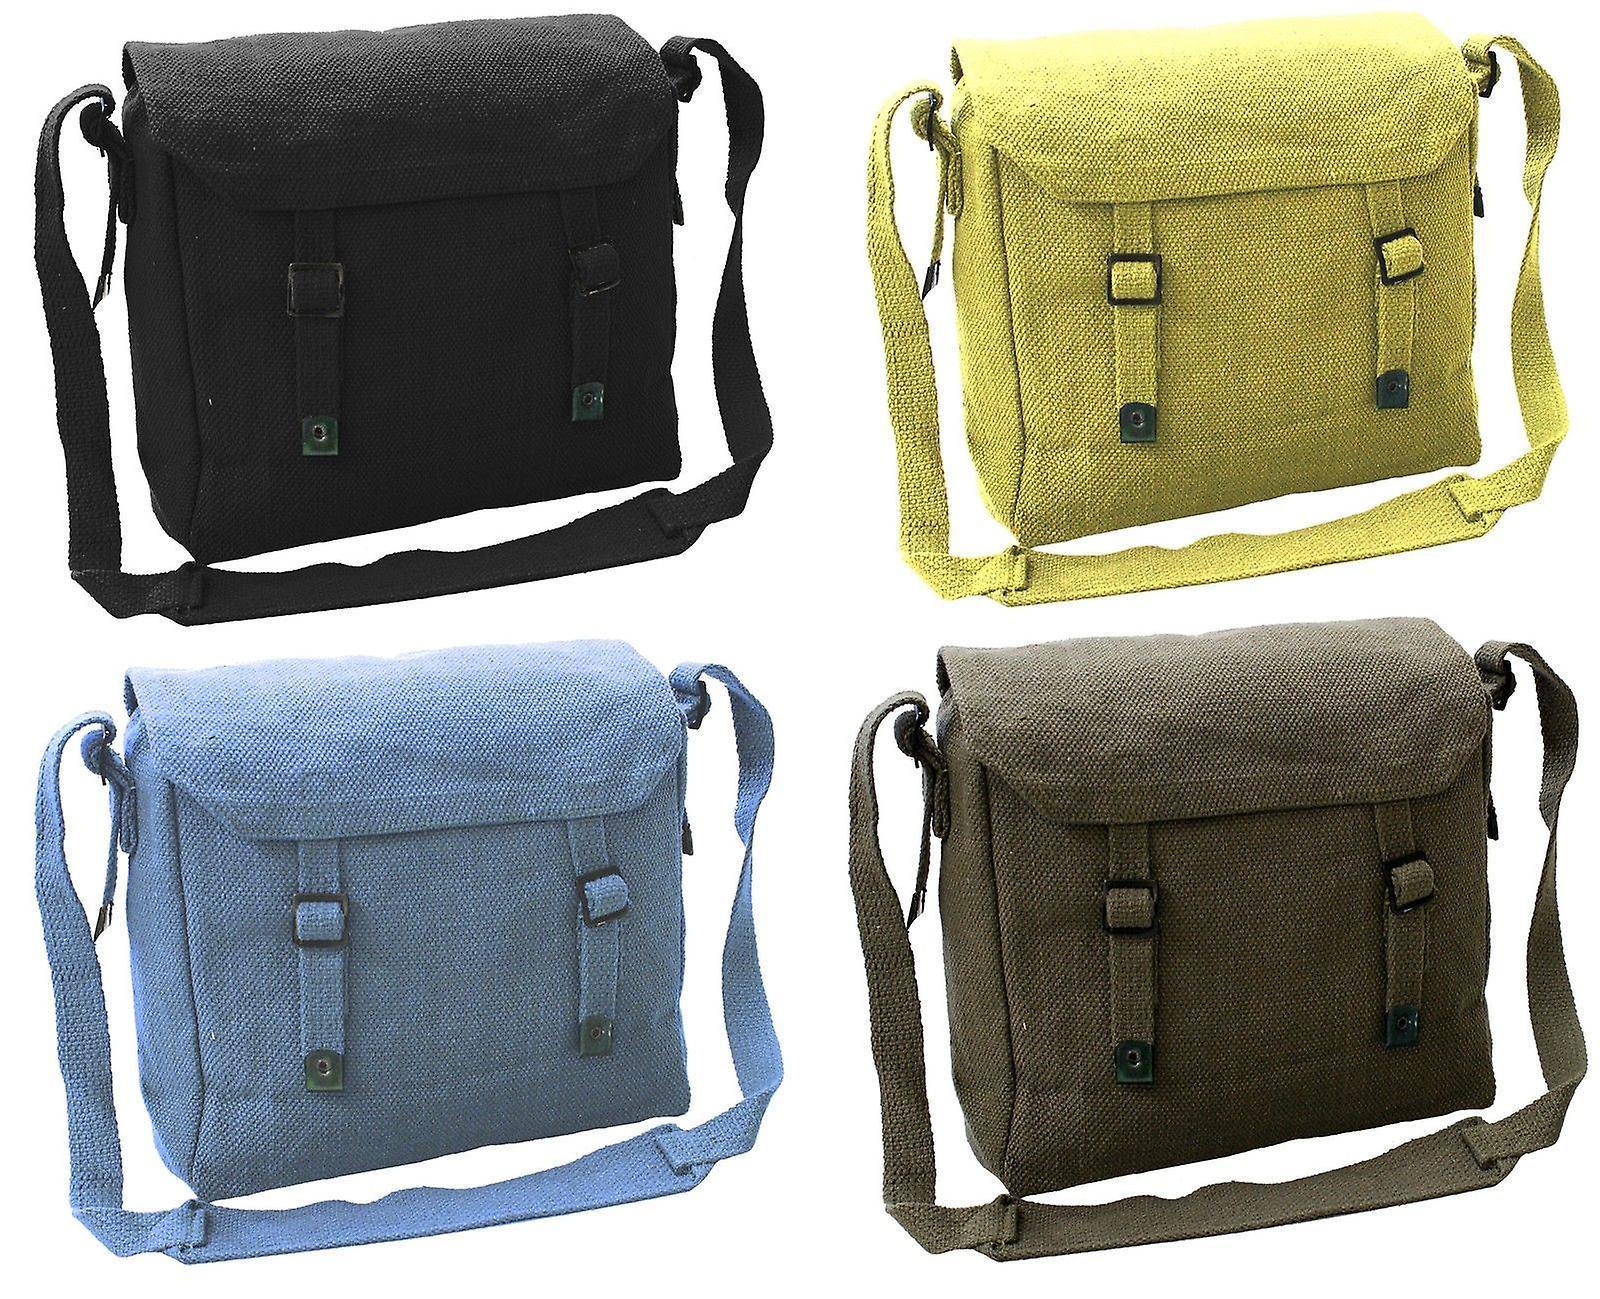 New Vintage Style Canvas Shoulder Haversack Bag